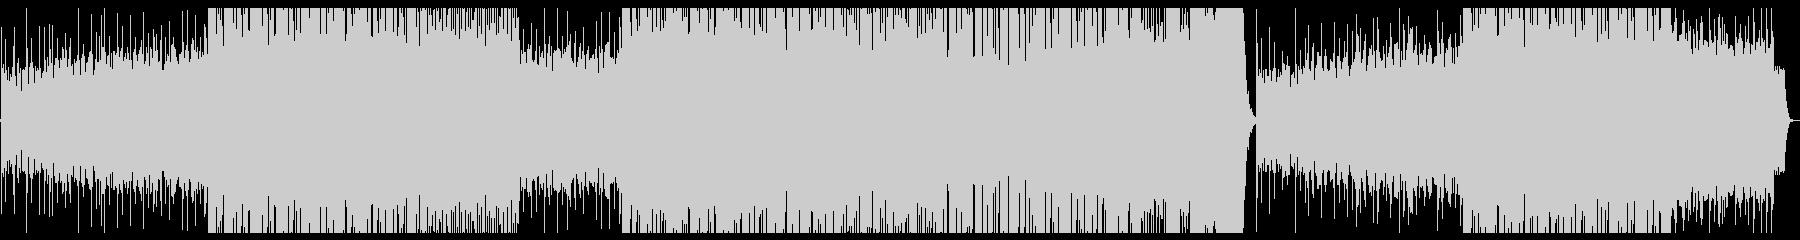 憂い系NewAgeミディアムテンポの未再生の波形